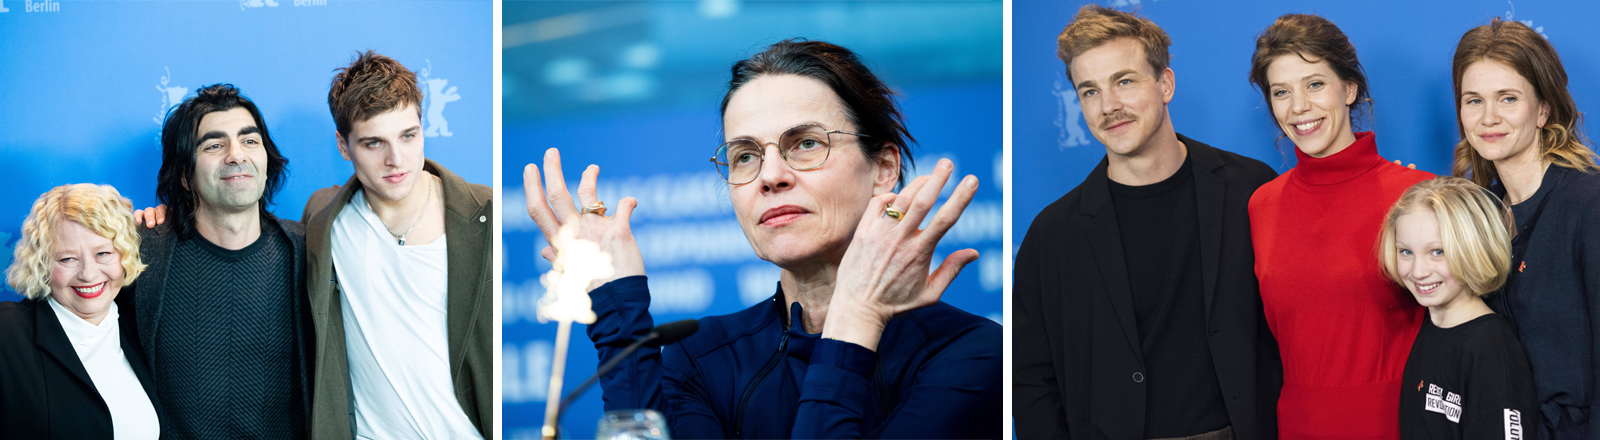 Darsteller und Regisseure der drei deutschen Filme im Berlinale-Wettbewerb